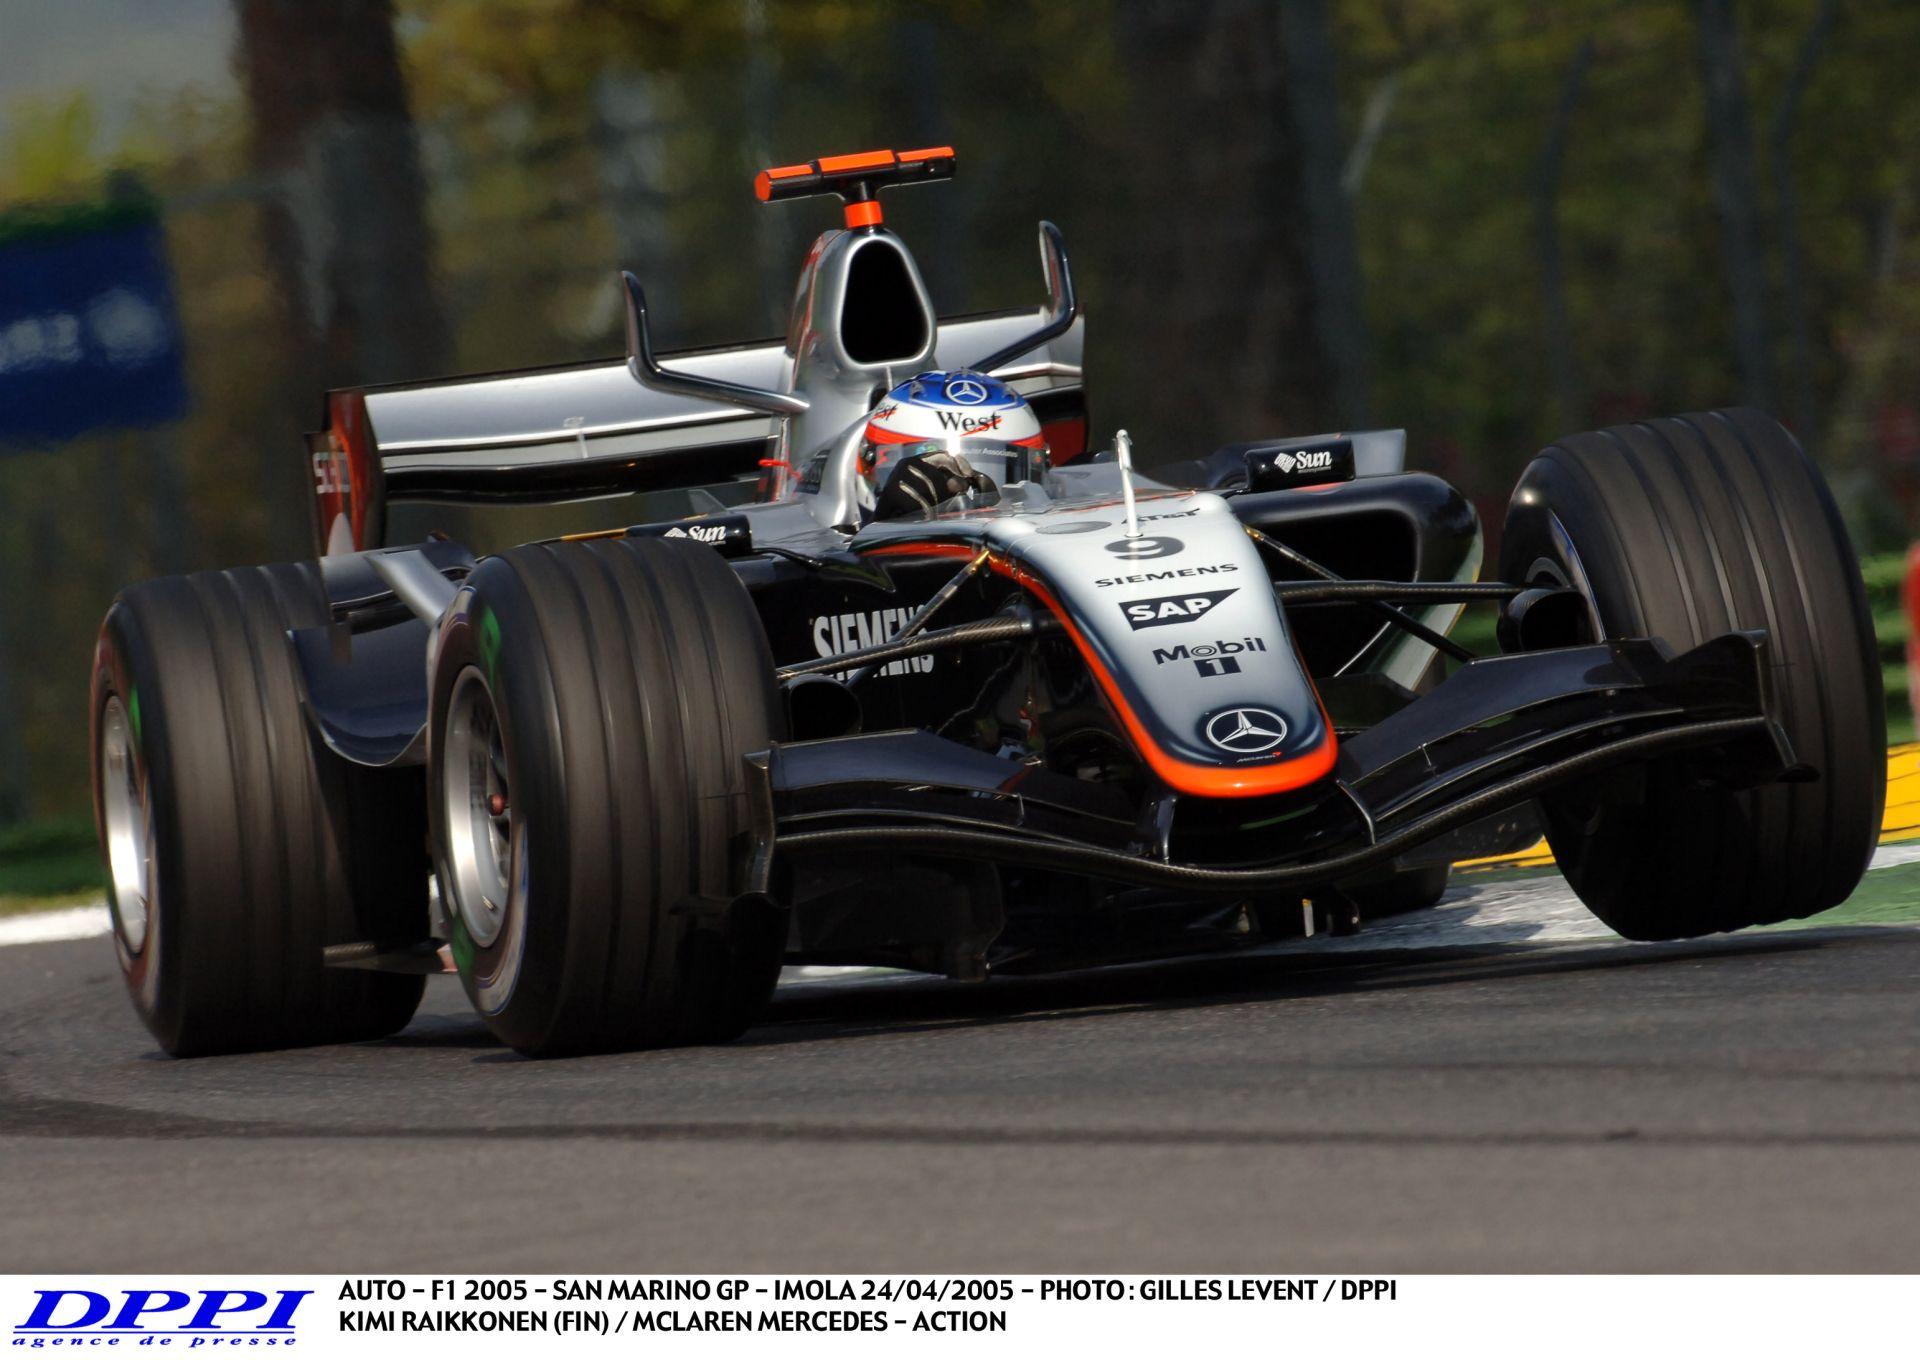 Raikkonen Vs. Schumacher Vs. Alonso: 2005, San Marino